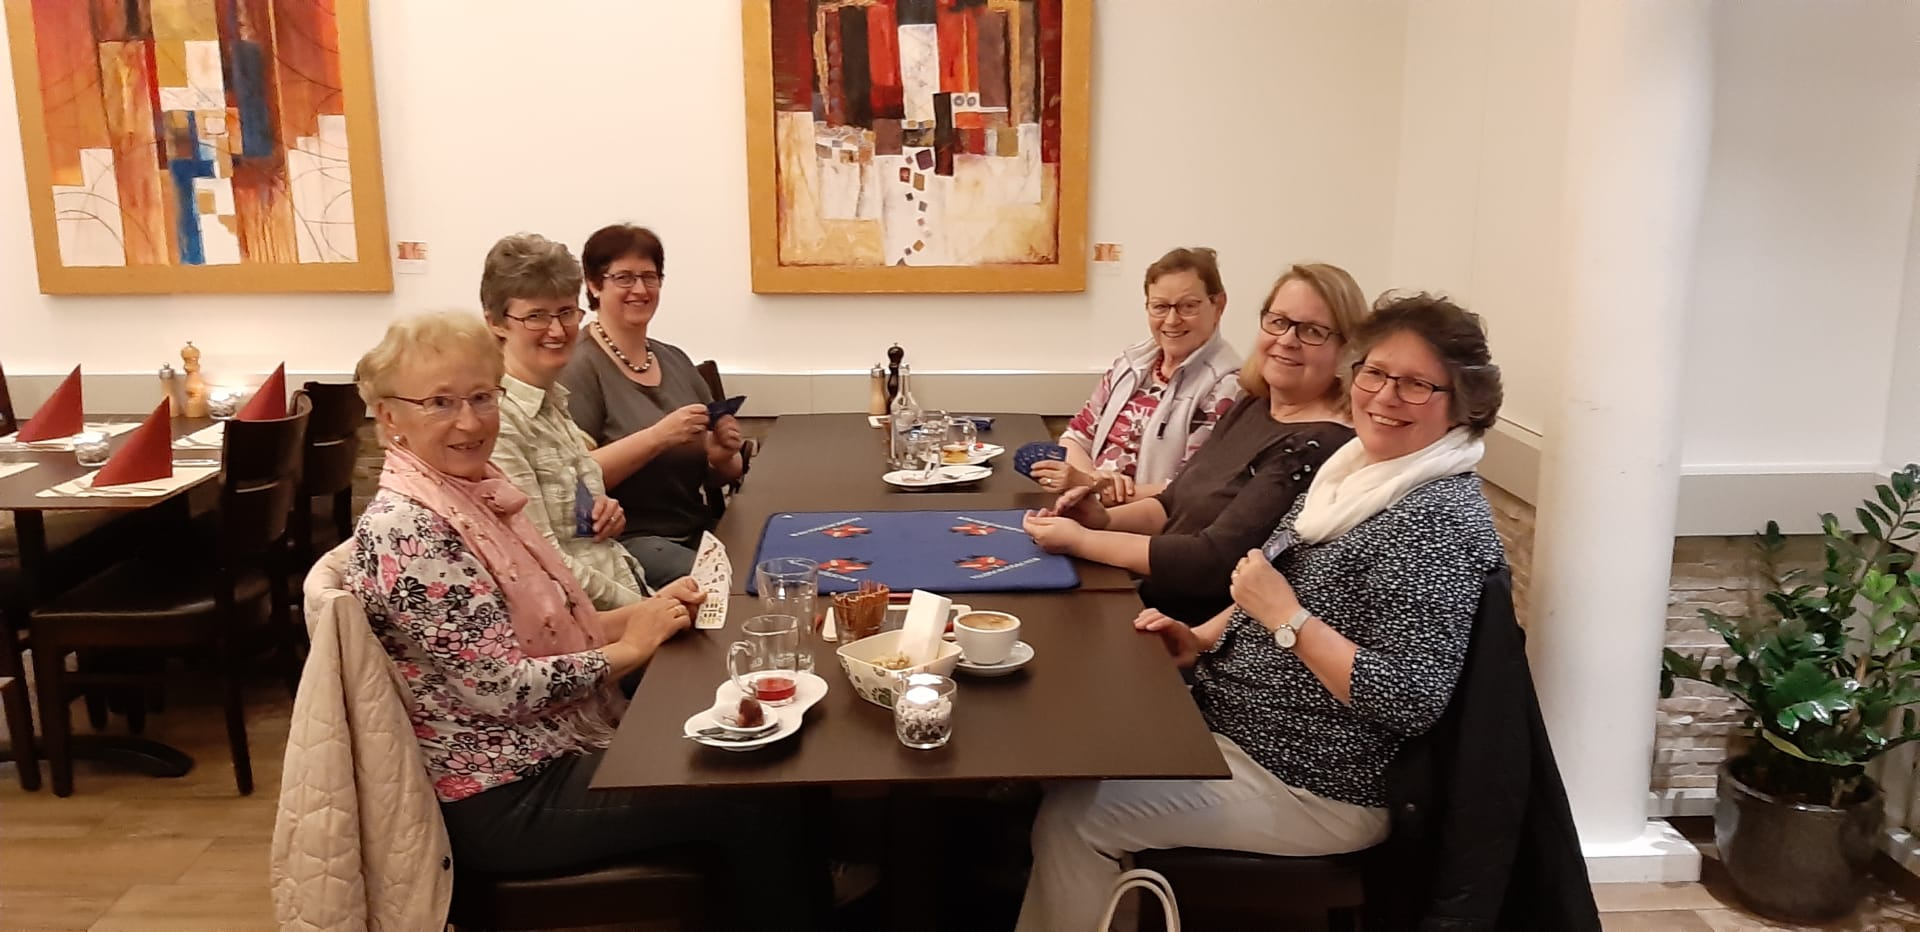 Jass- und Canasta Abend / v.l.n.r. Heidy Zurmühle, Lisbeth, Hofmann, Rita Odermatt, Helene Waldis, Ursula Papp, Monika Mathis